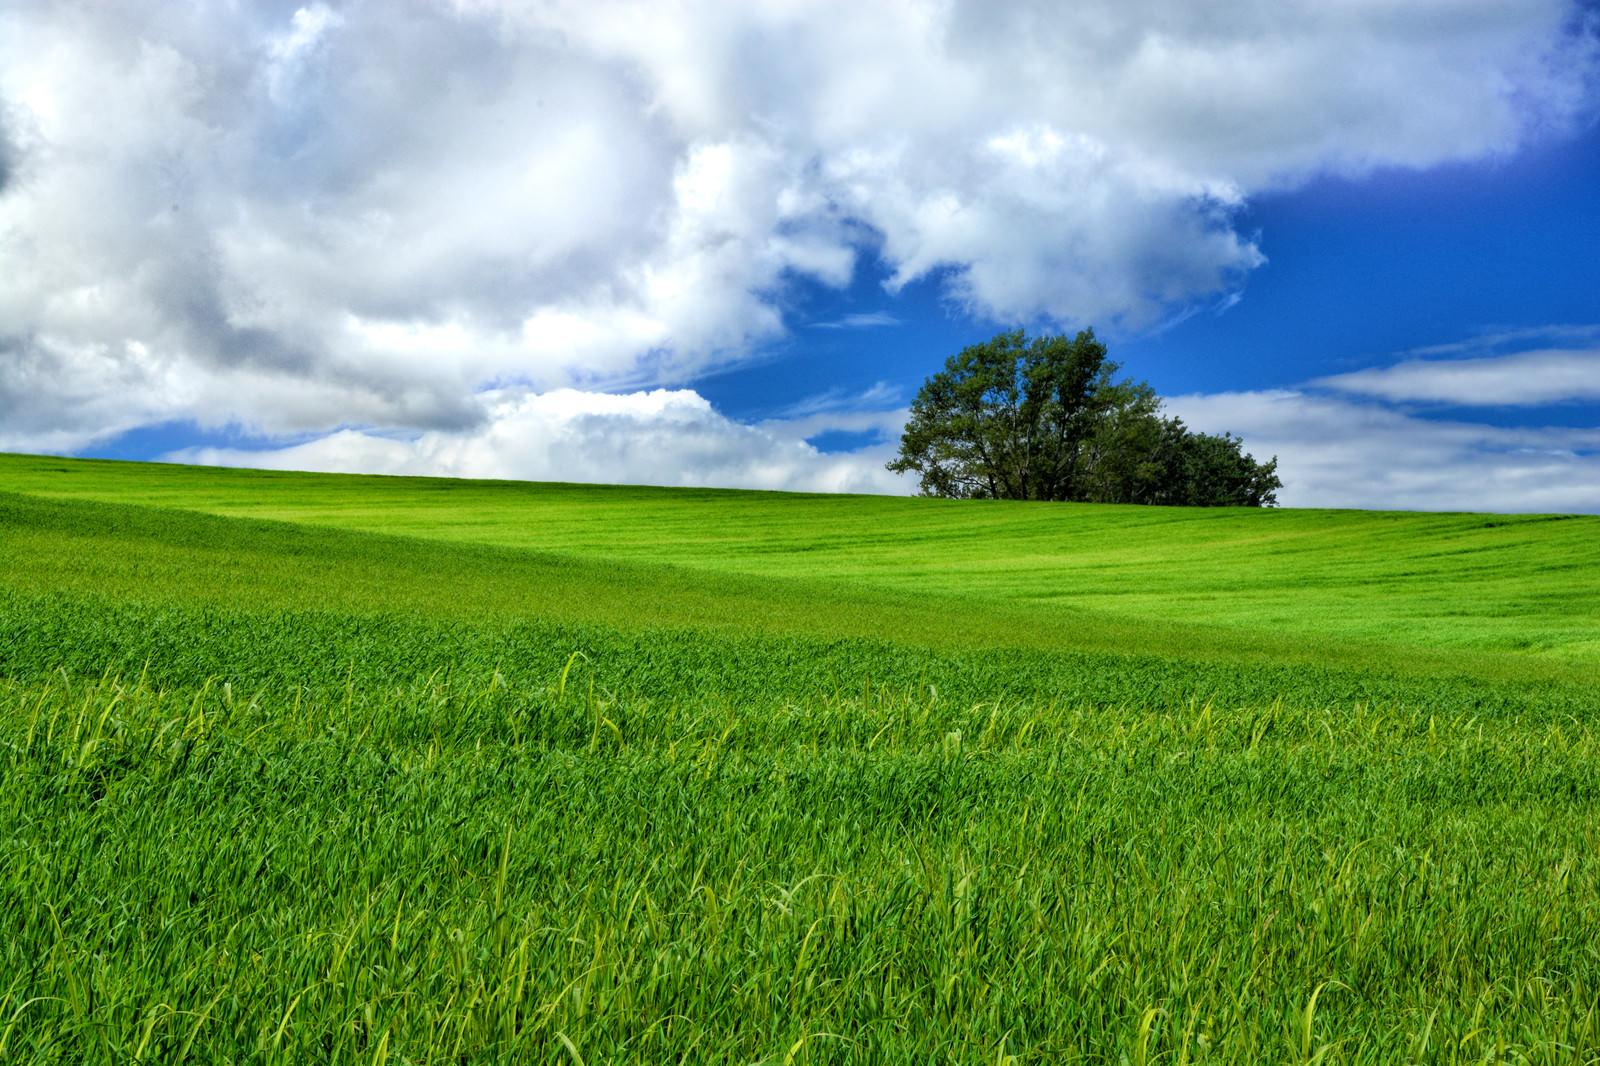 「北海道にある大草原の風景」